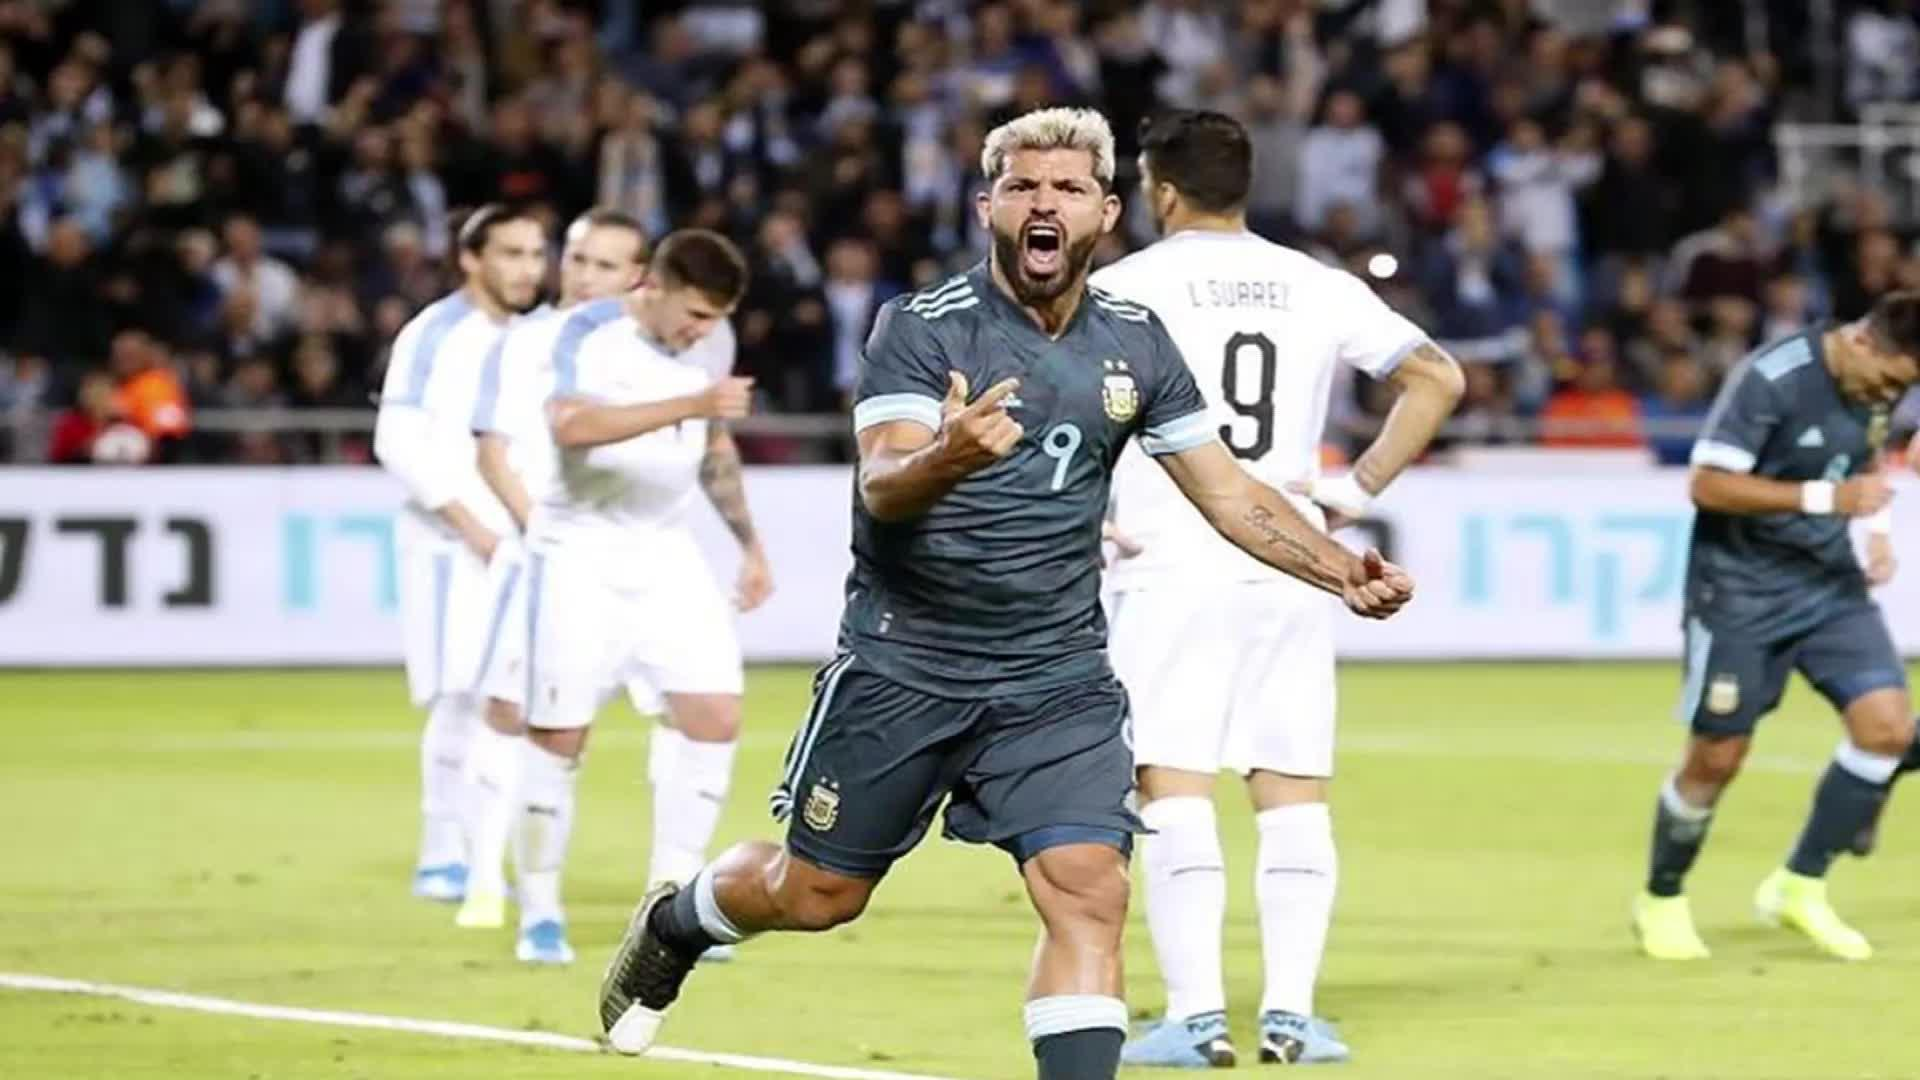 热身赛阿根廷战平乌拉圭 关键时刻梅西补时点球扳平比分